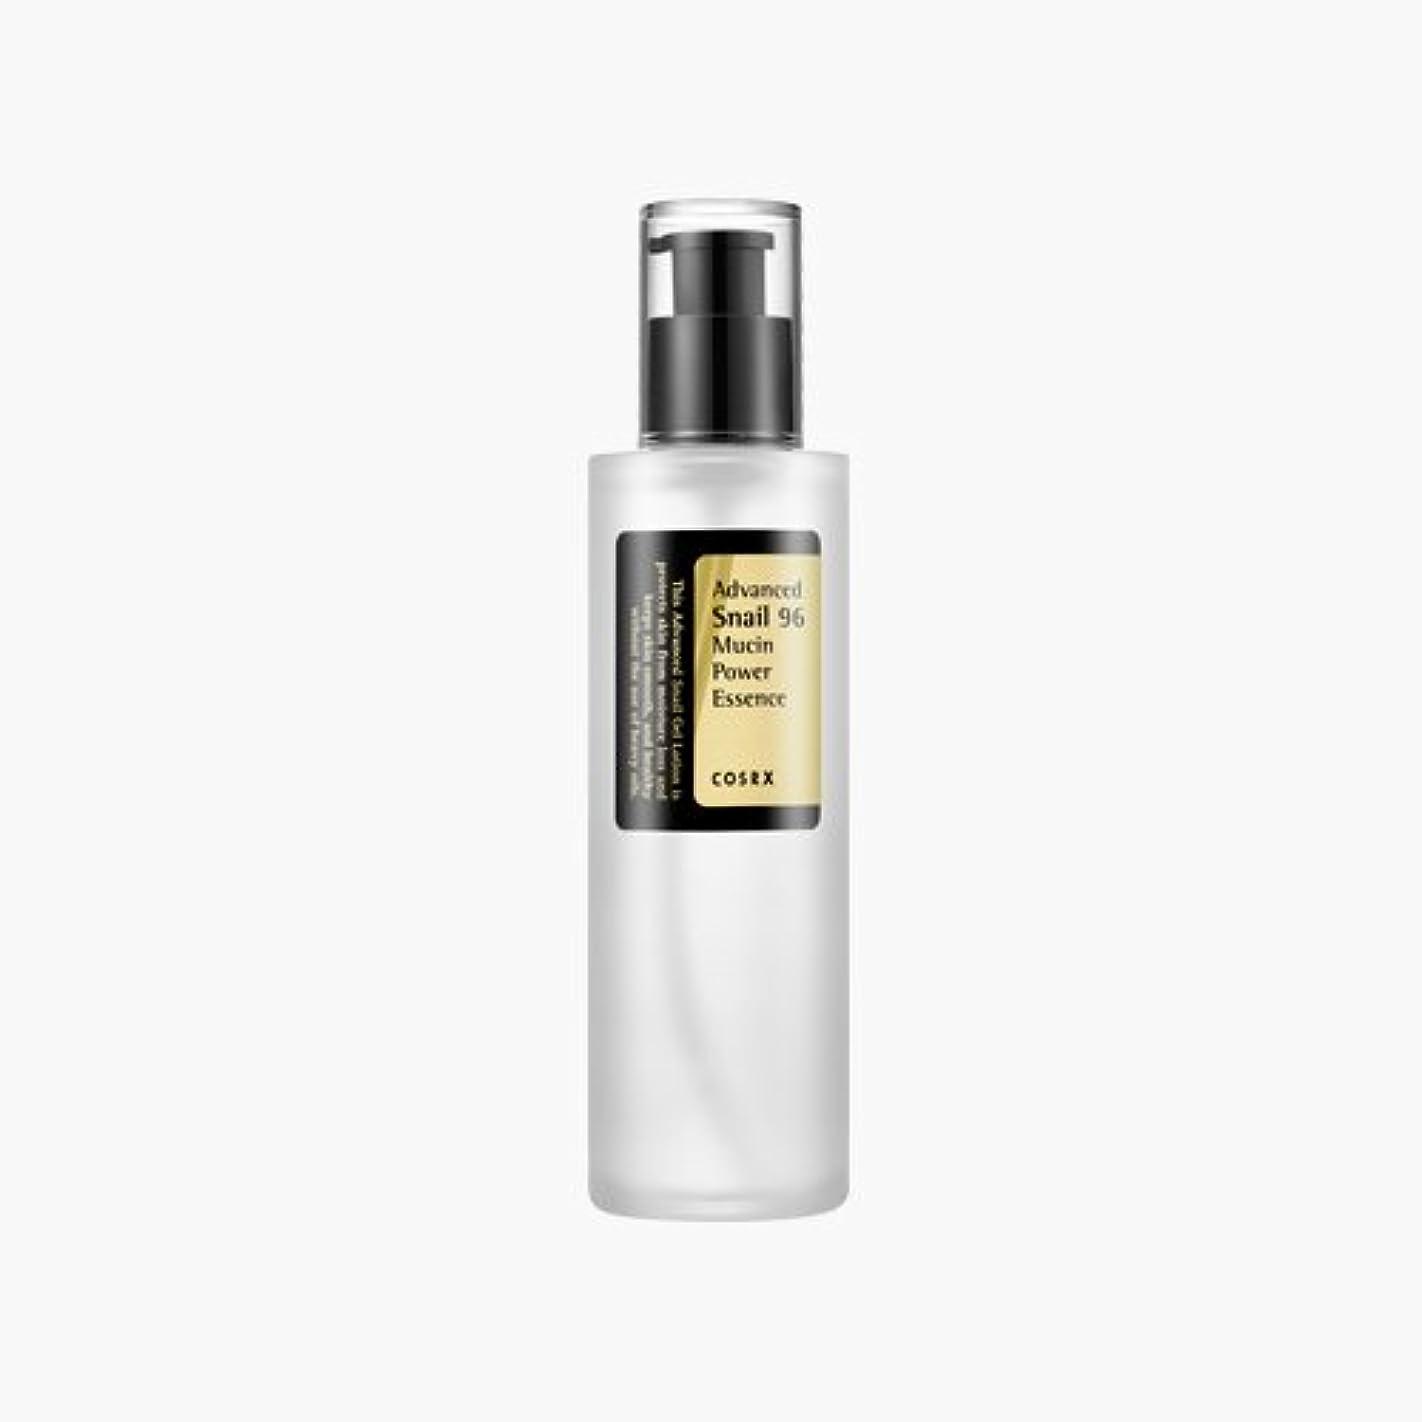 主張する温かい死ぬ[Cosrx] Advanced Snail 96 Mucin Power Essence 100ml/K-Beauty/Korea Cosmetics